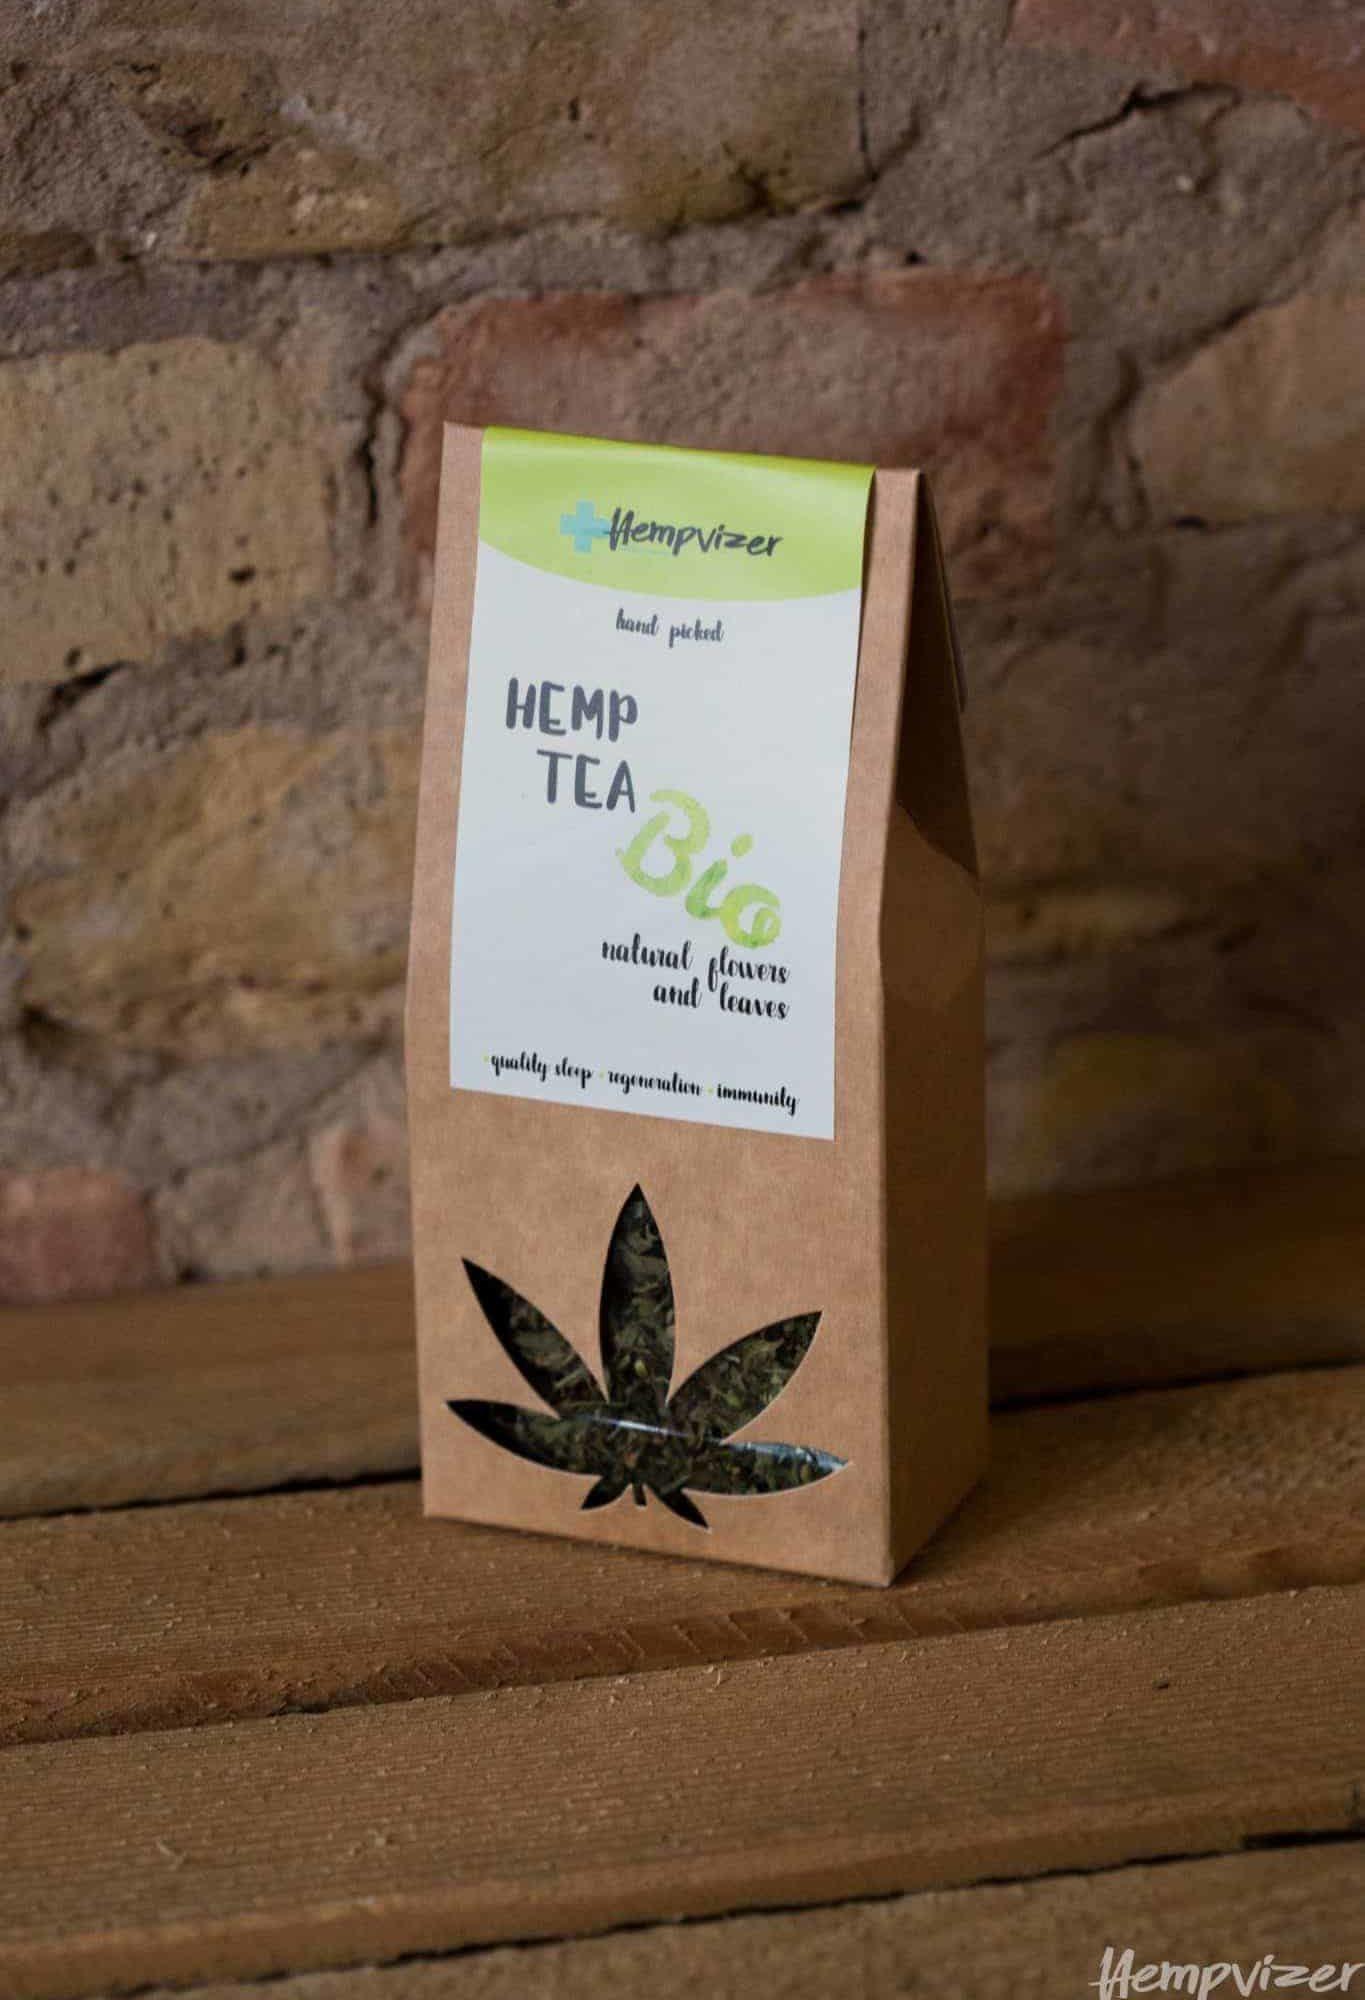 Hempvizer BIO Hemp tea - leafs and buds, 30g